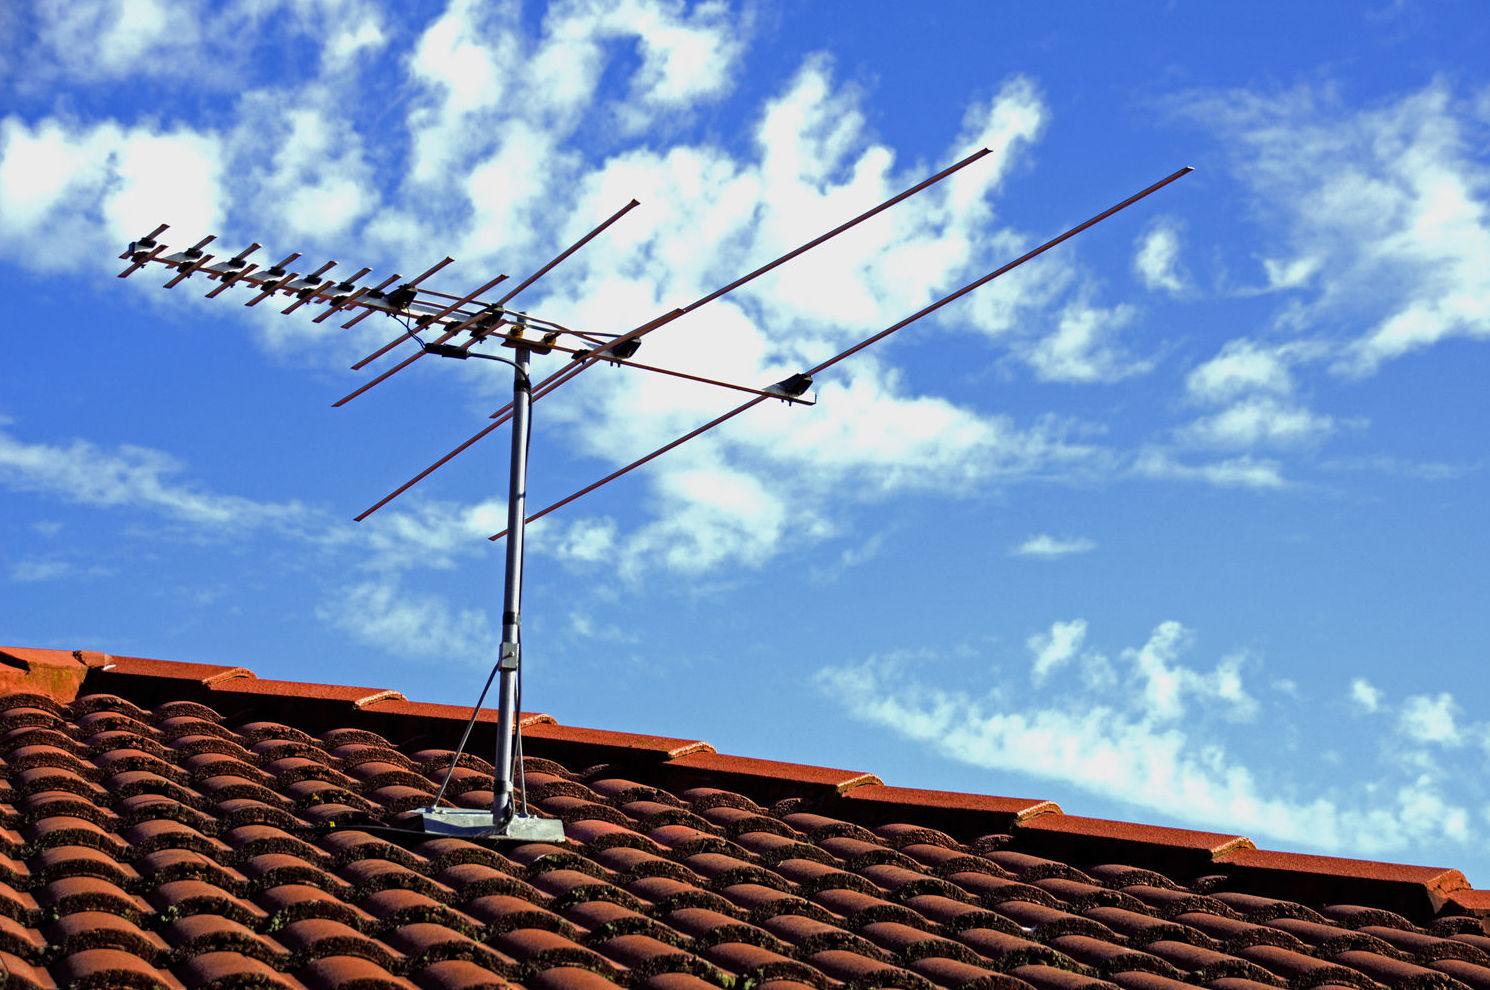 Antenas de televisión digital terrestre